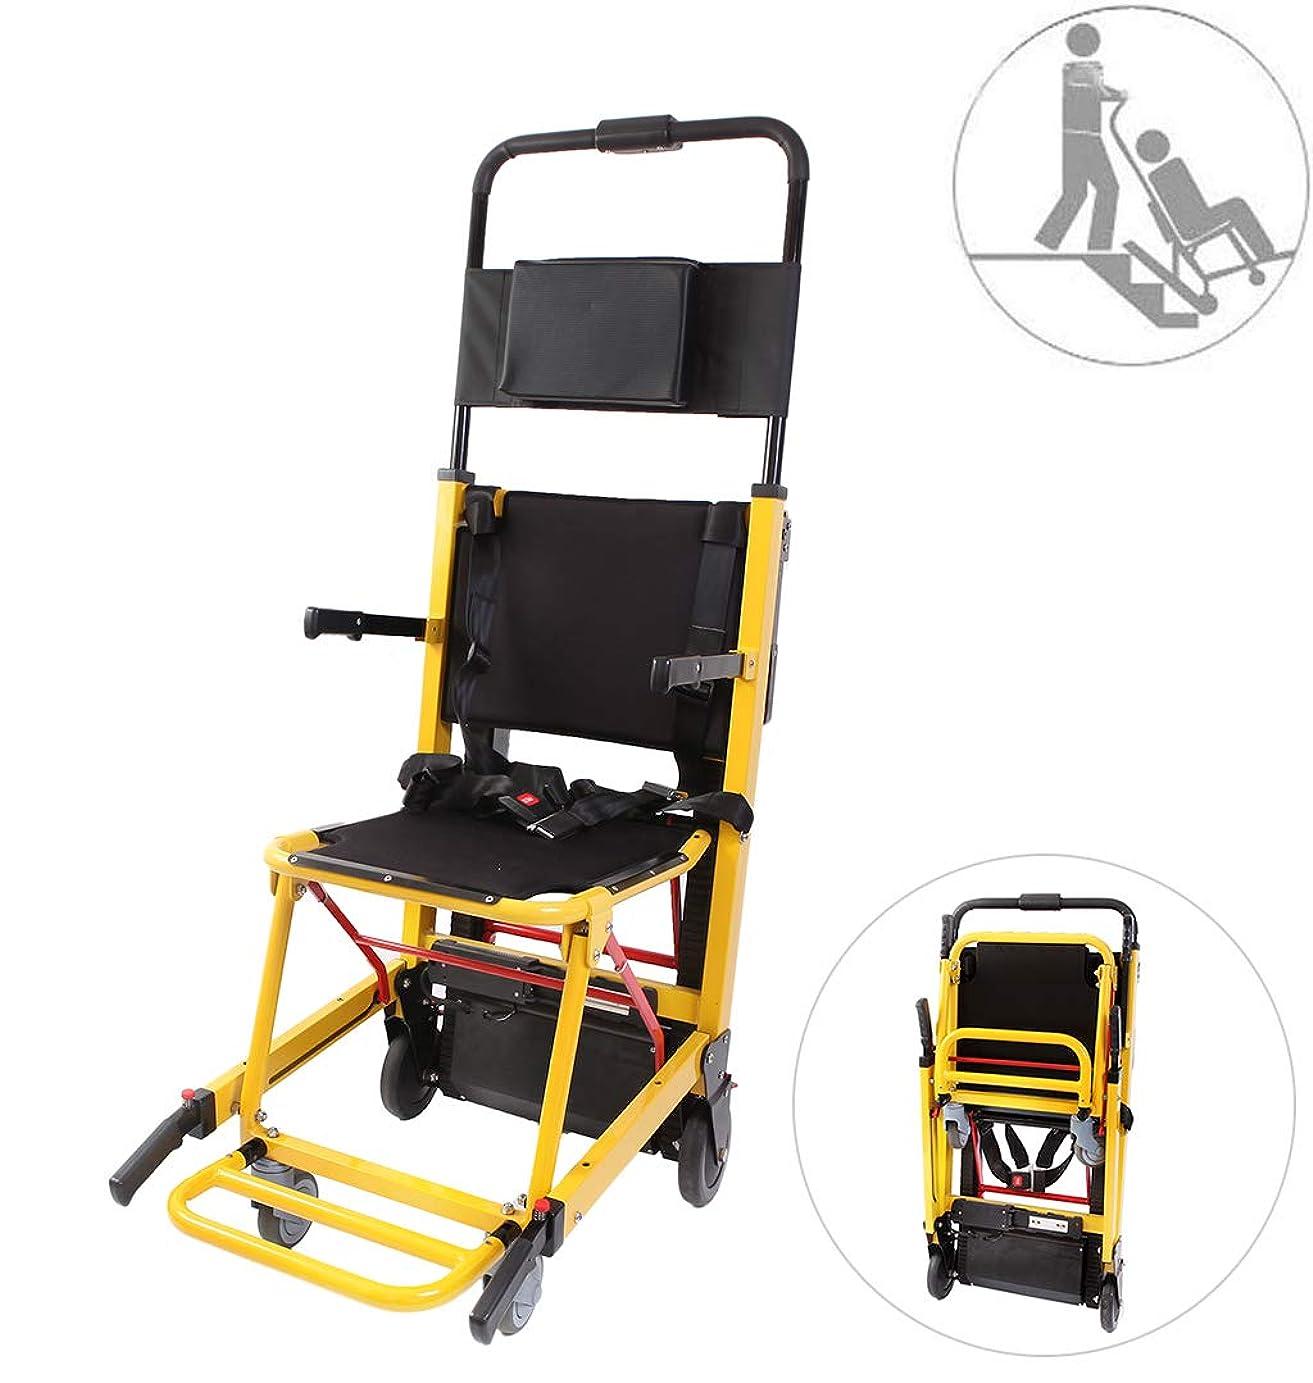 ドメインサーキュレーションさようならバッテリー駆動のトラック階段昇降チェアヘビーデューティーエマージェンシー軽量折りたたみ避難階段椅子、積載量365ポンド